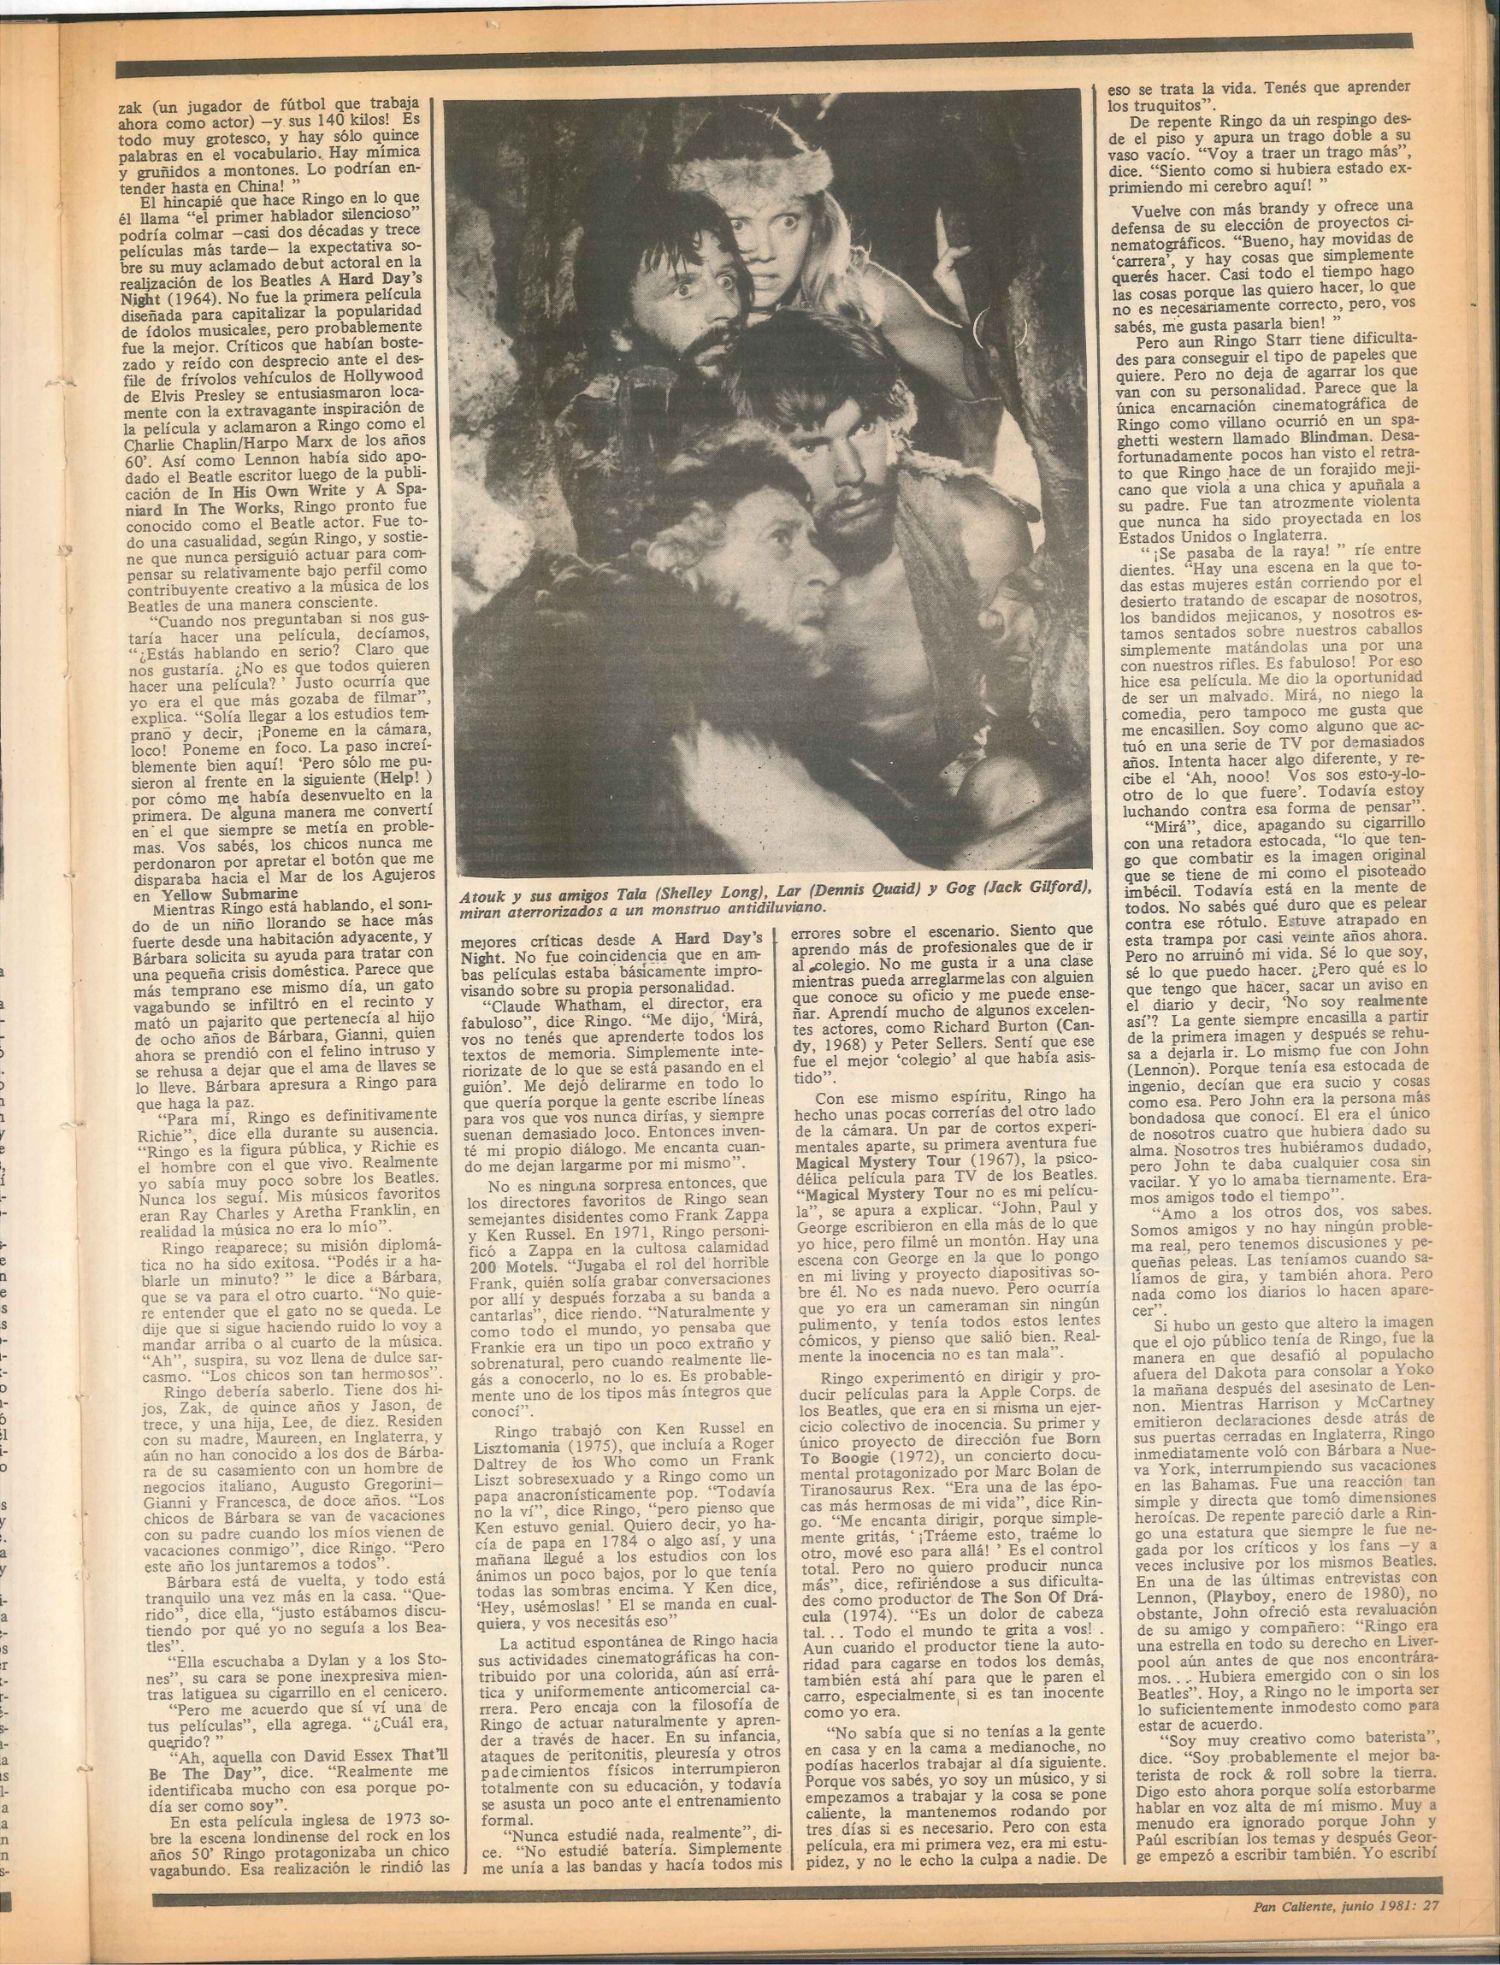 47_numero 2pan caliente 1_Page_27.jpg